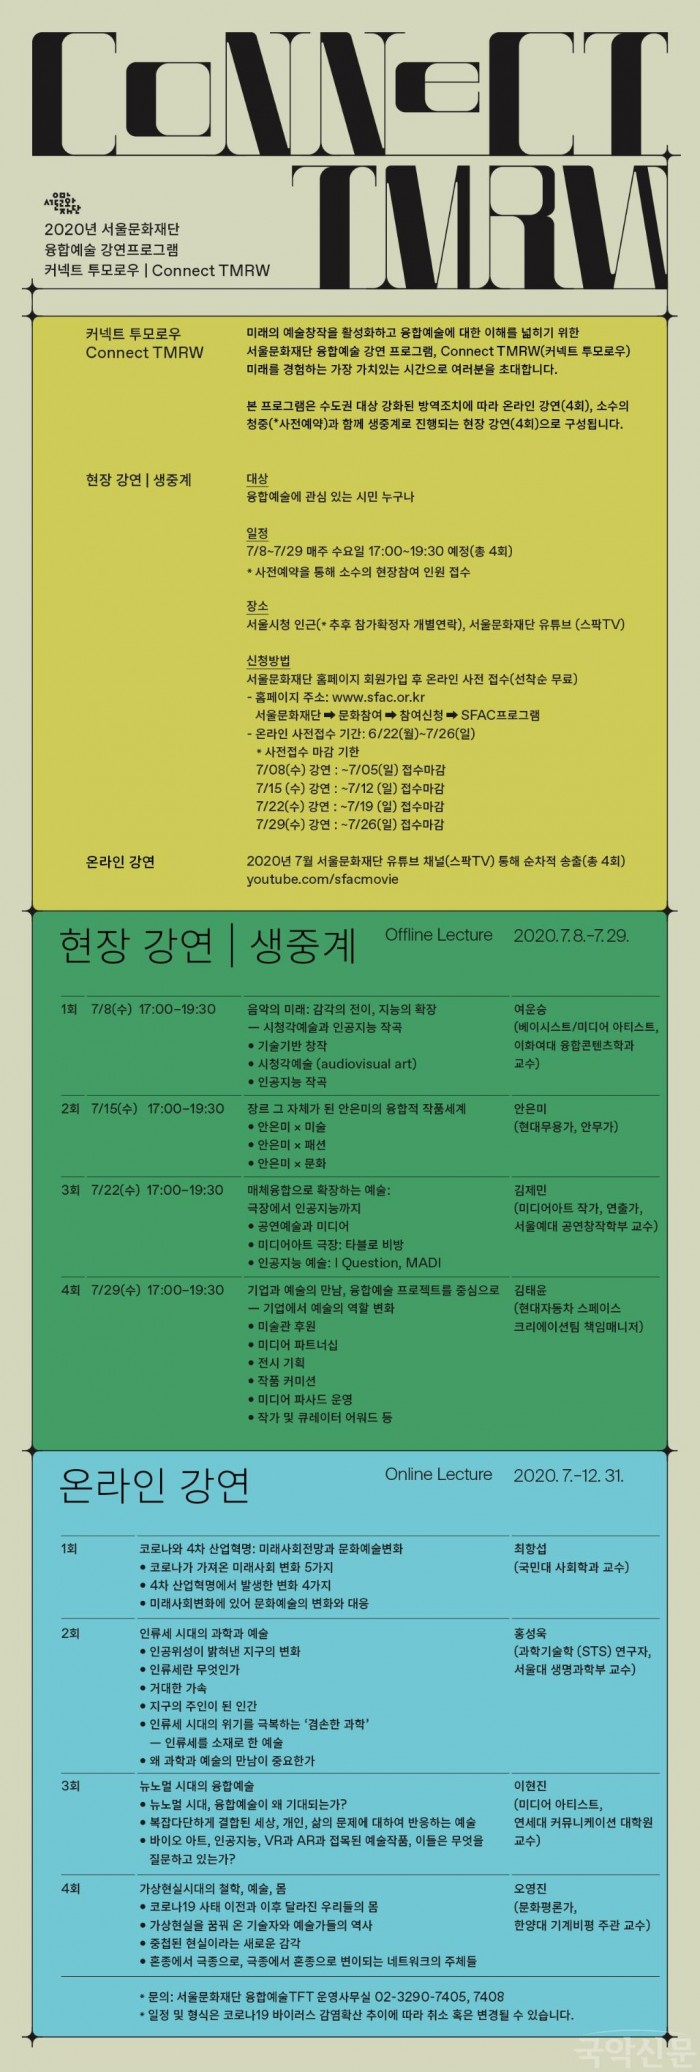 [사진]4. 서울문화재단 융합예술 강연 프로그램